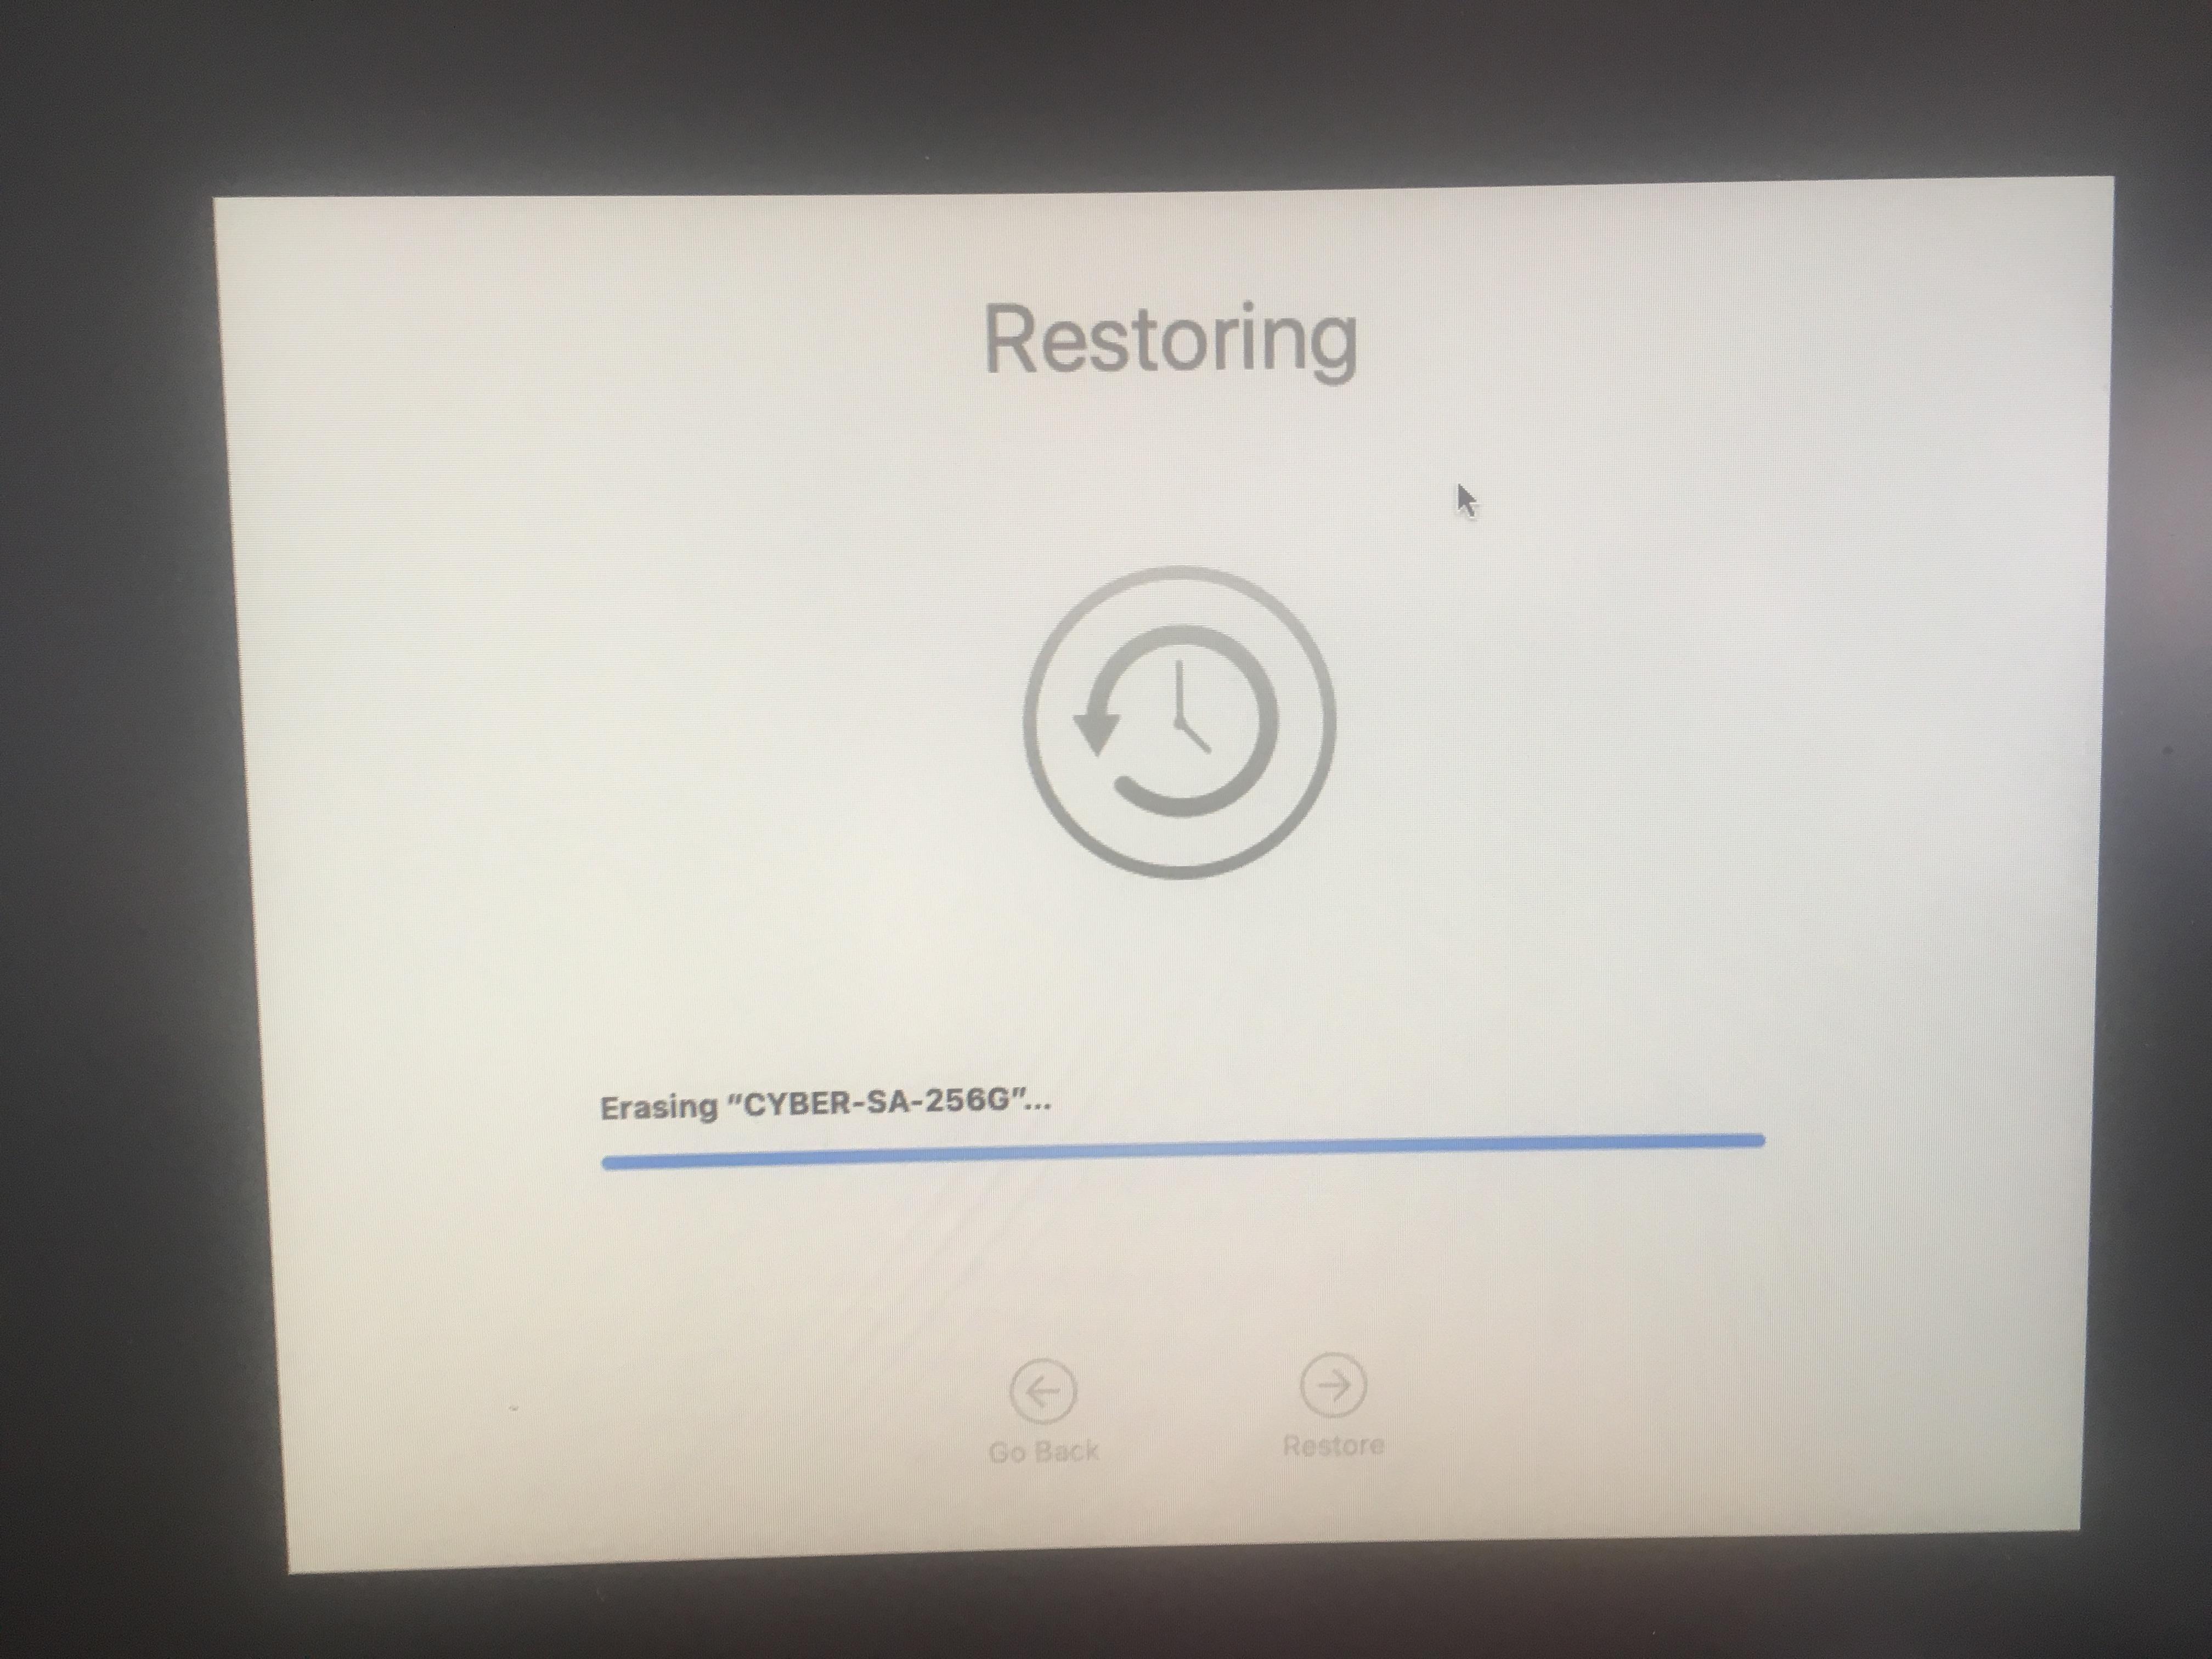 TeamViewer Disaster on MacOS